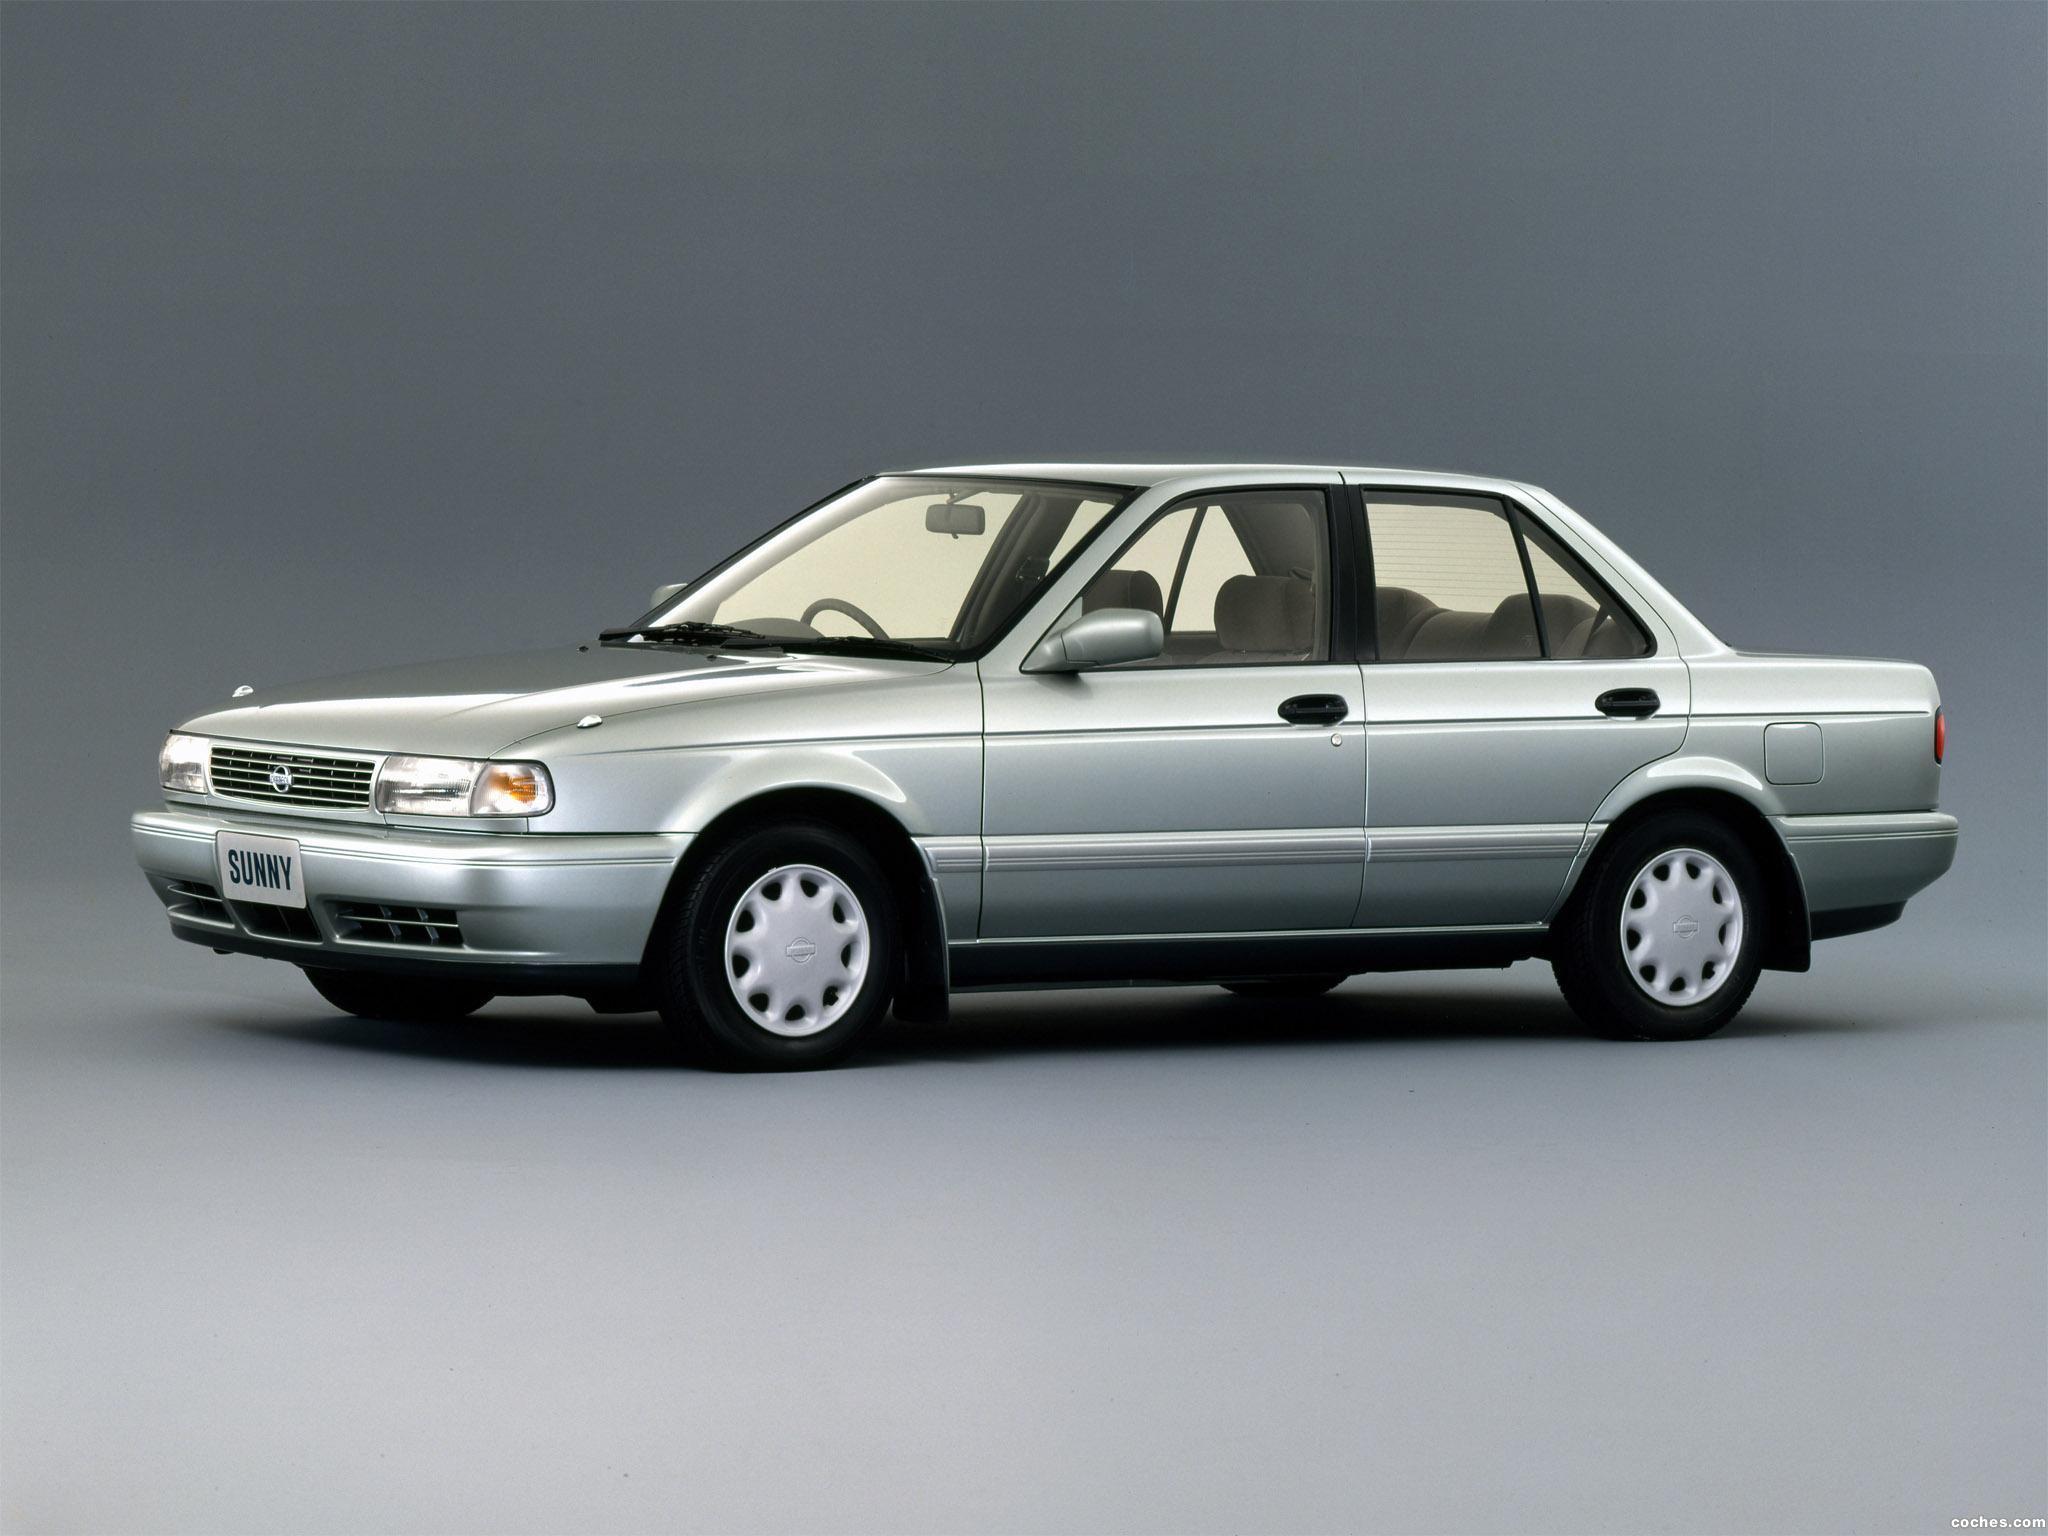 Fotos de Nissan Sunny SuperSaloon B13 1992